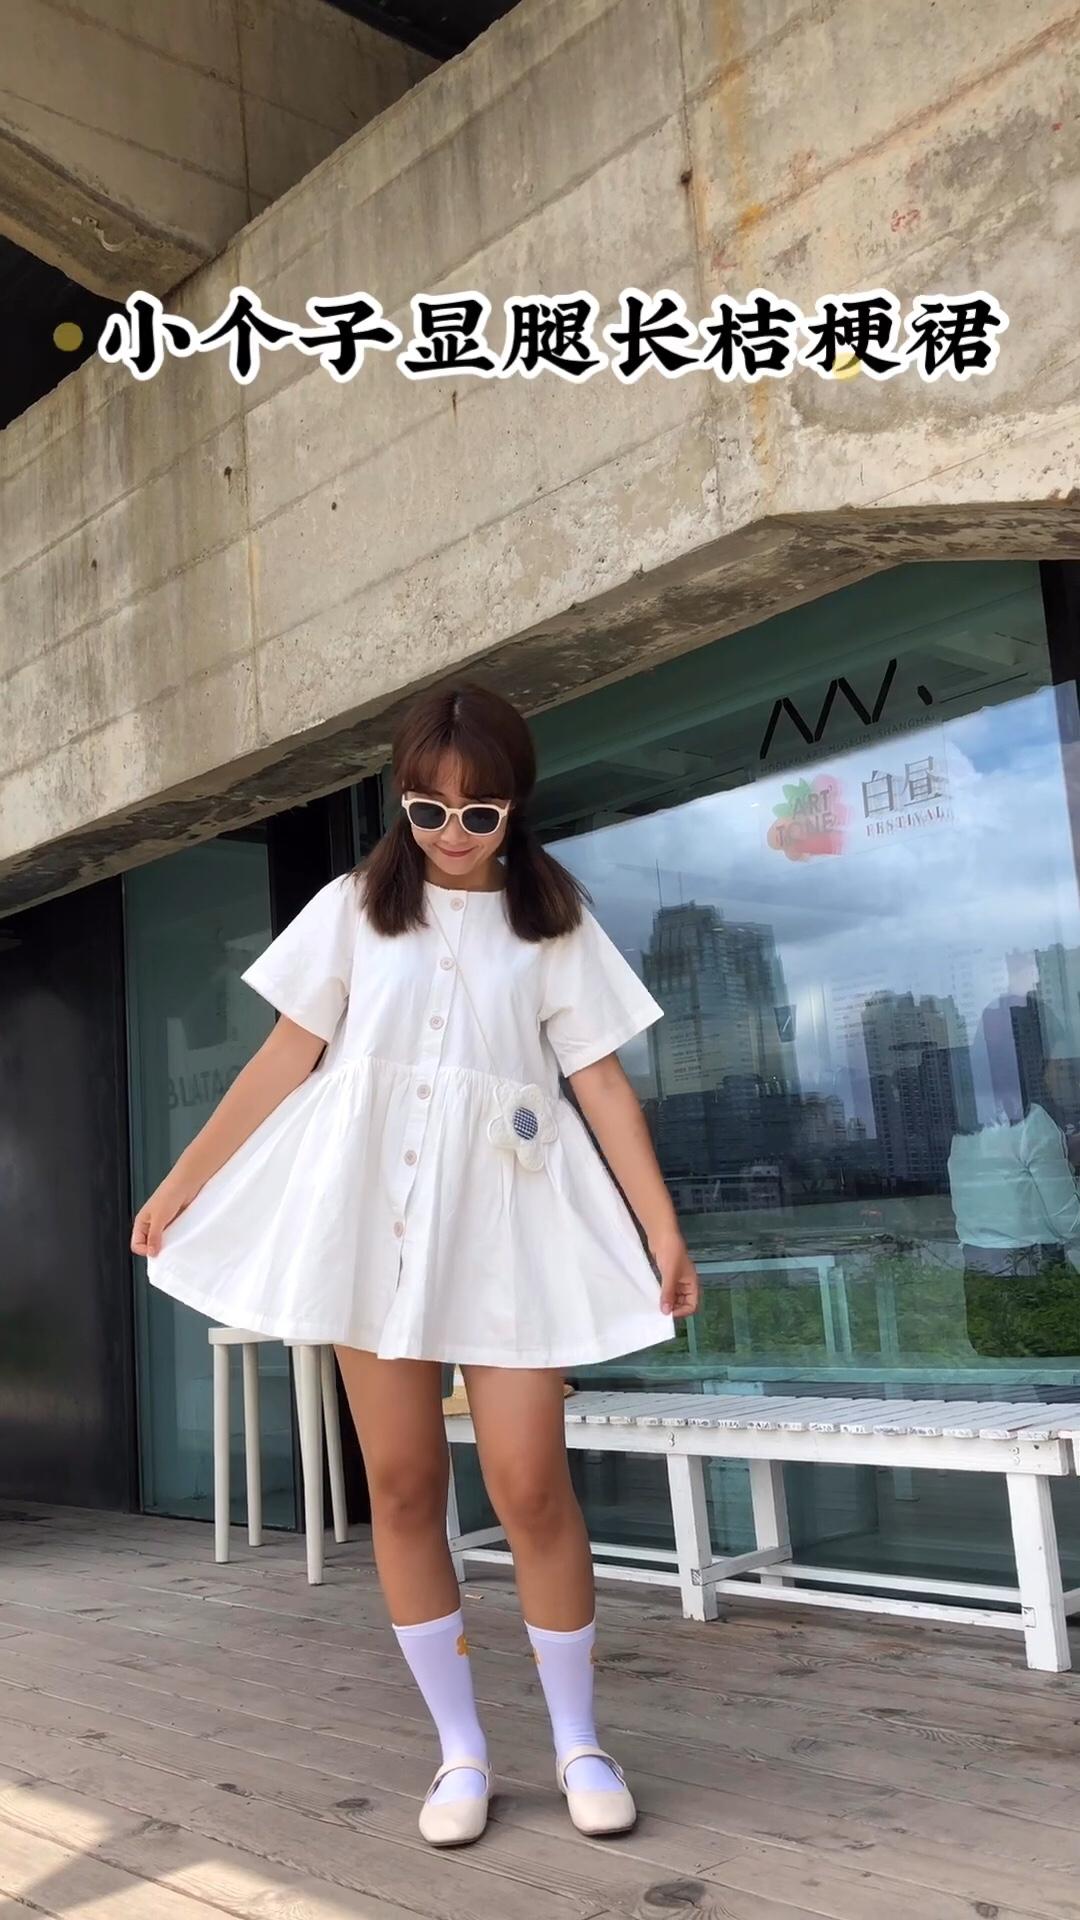 #长高10cm:腰线拉高术!# 这款白色的桔梗裙是属于短款的,专门为小个子量身定制的。这款裙子会拉伸腿型,腿长即视感会显高。搭配草帽或者是双马尾。都很可爱,斜挎的花朵小包包,加上白色的玛丽珍小白鞋,整体搭配会显得很高,然后很可爱。